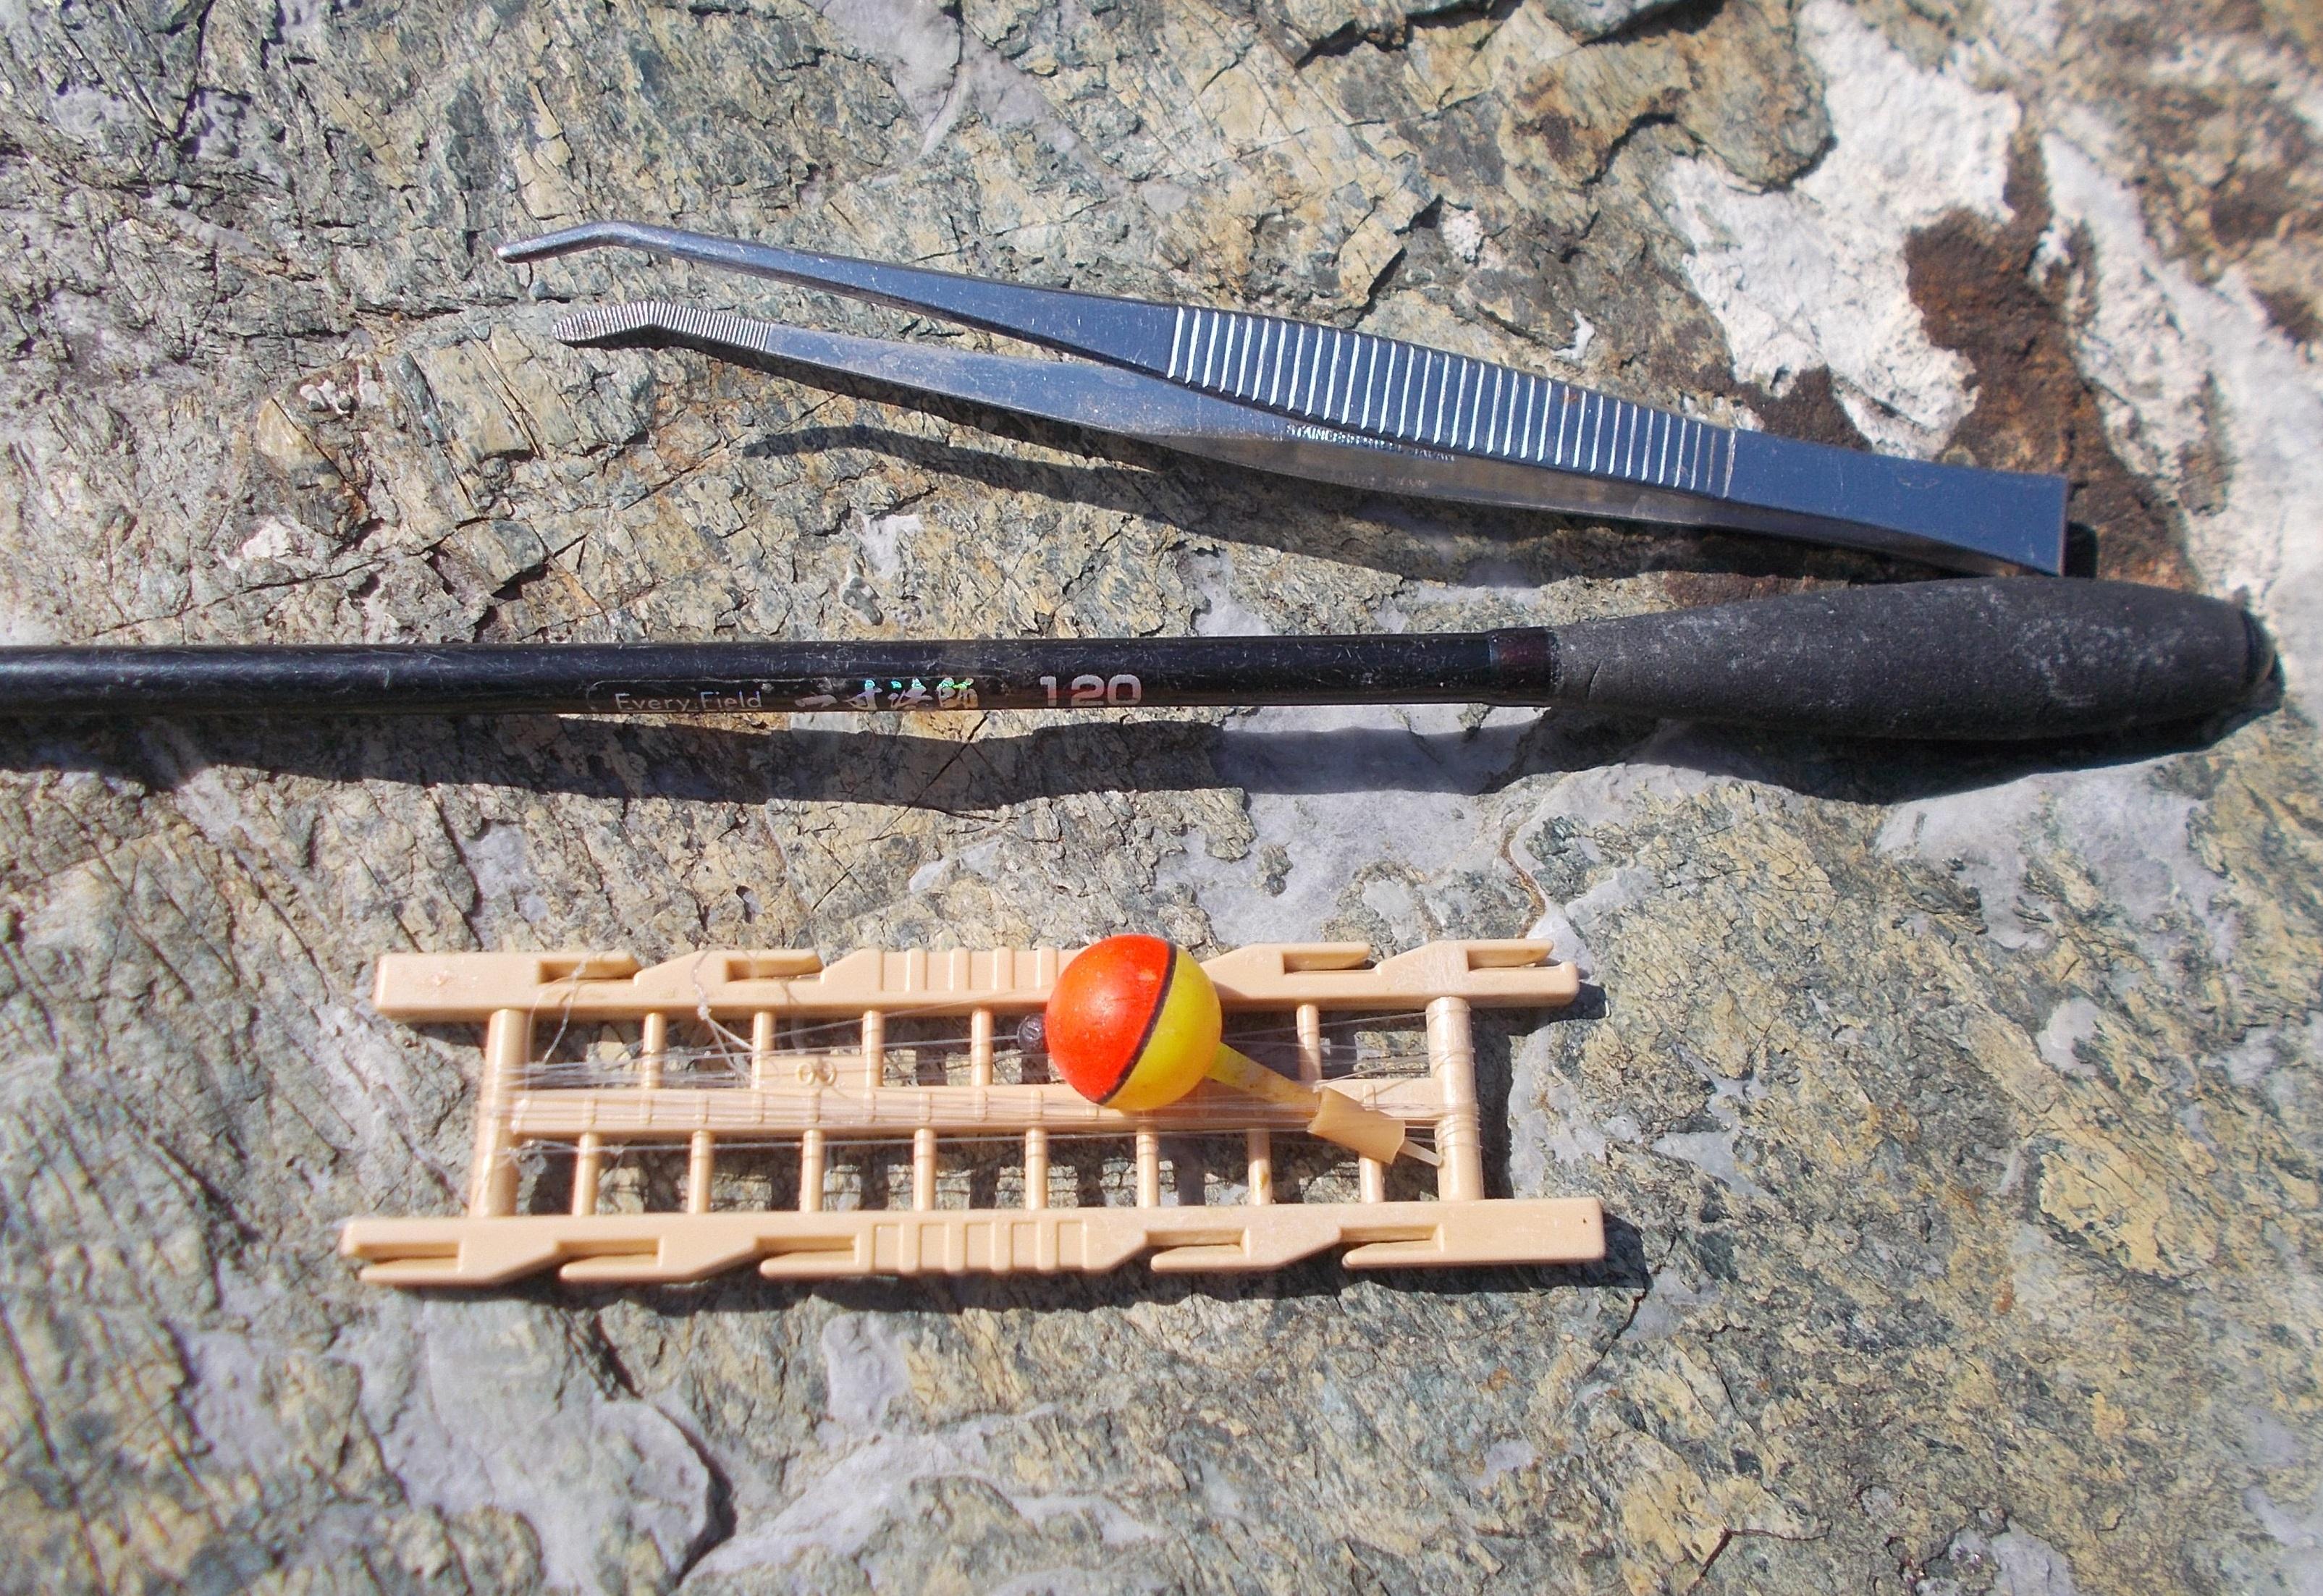 竿は短めの150㎝位が扱いやすいです。ピンセットはエビから針を外すのに便利ですよ。